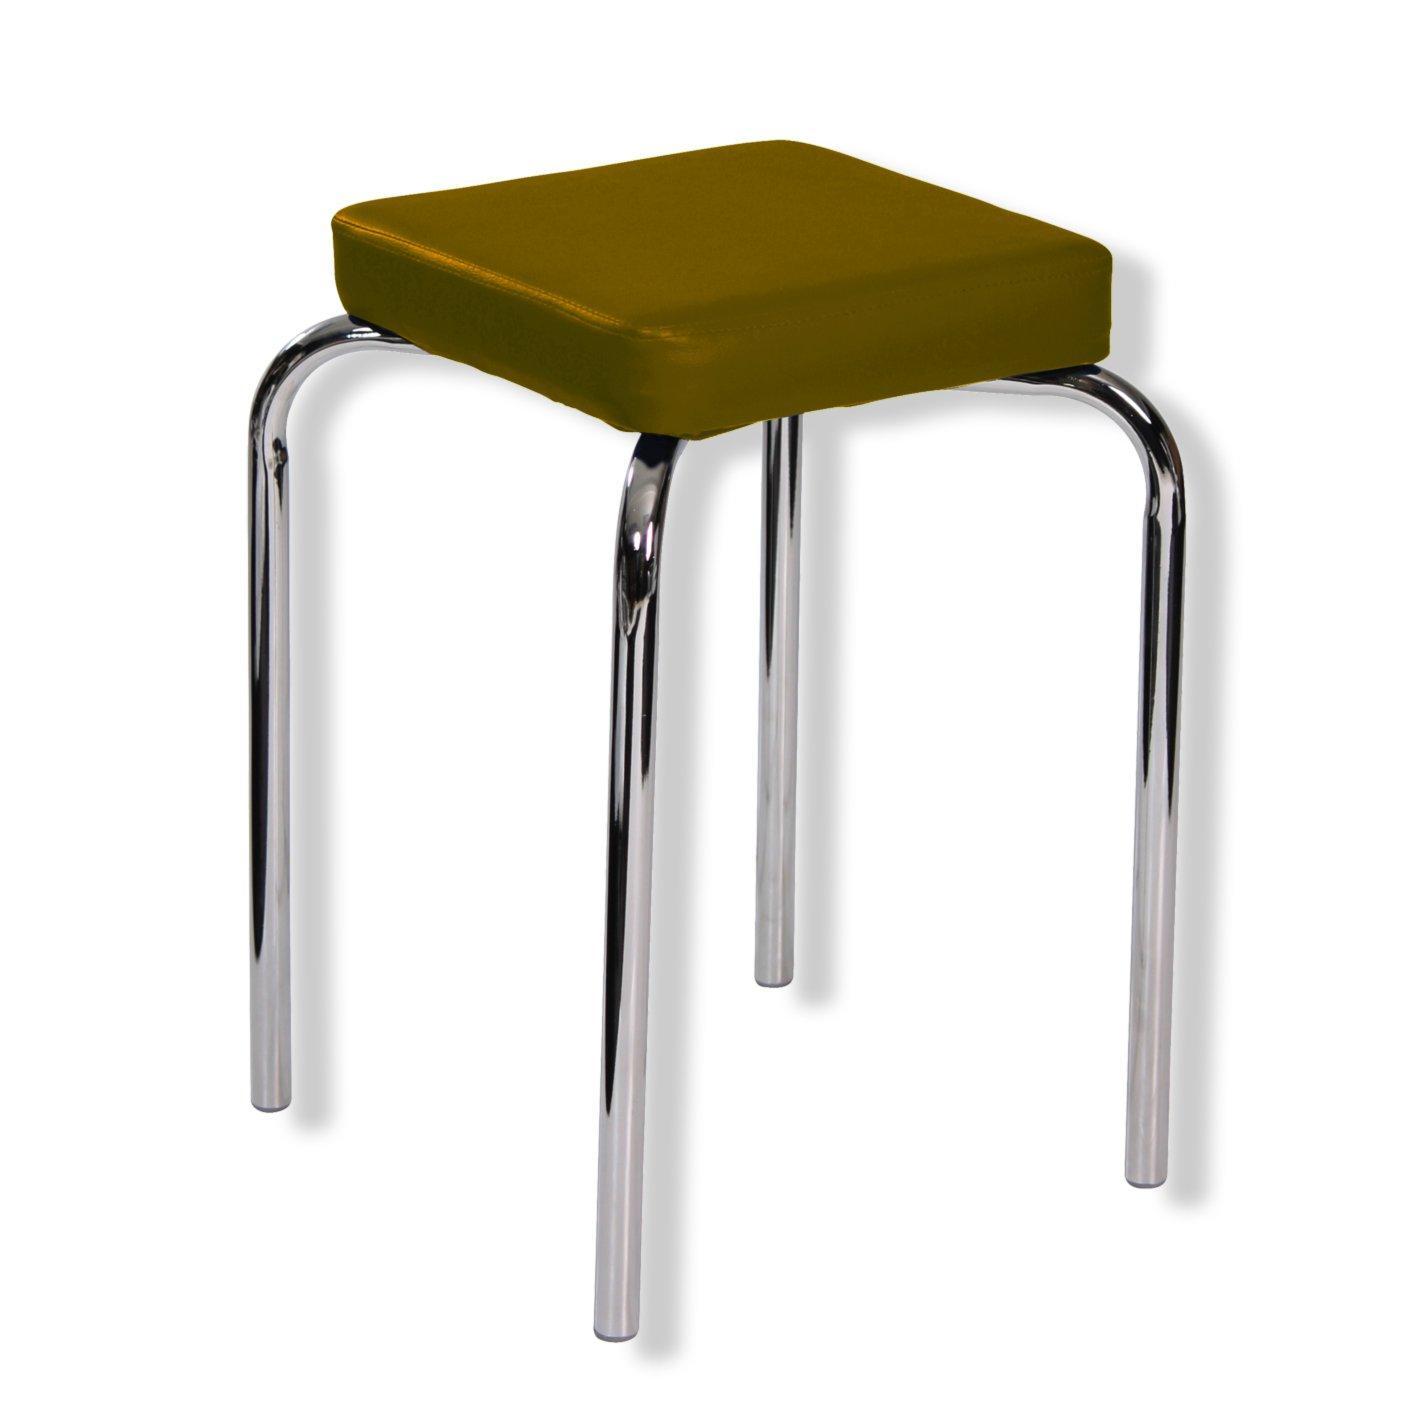 hocker braun kunstleder hocker st hle hocker m bel roller m belhaus. Black Bedroom Furniture Sets. Home Design Ideas